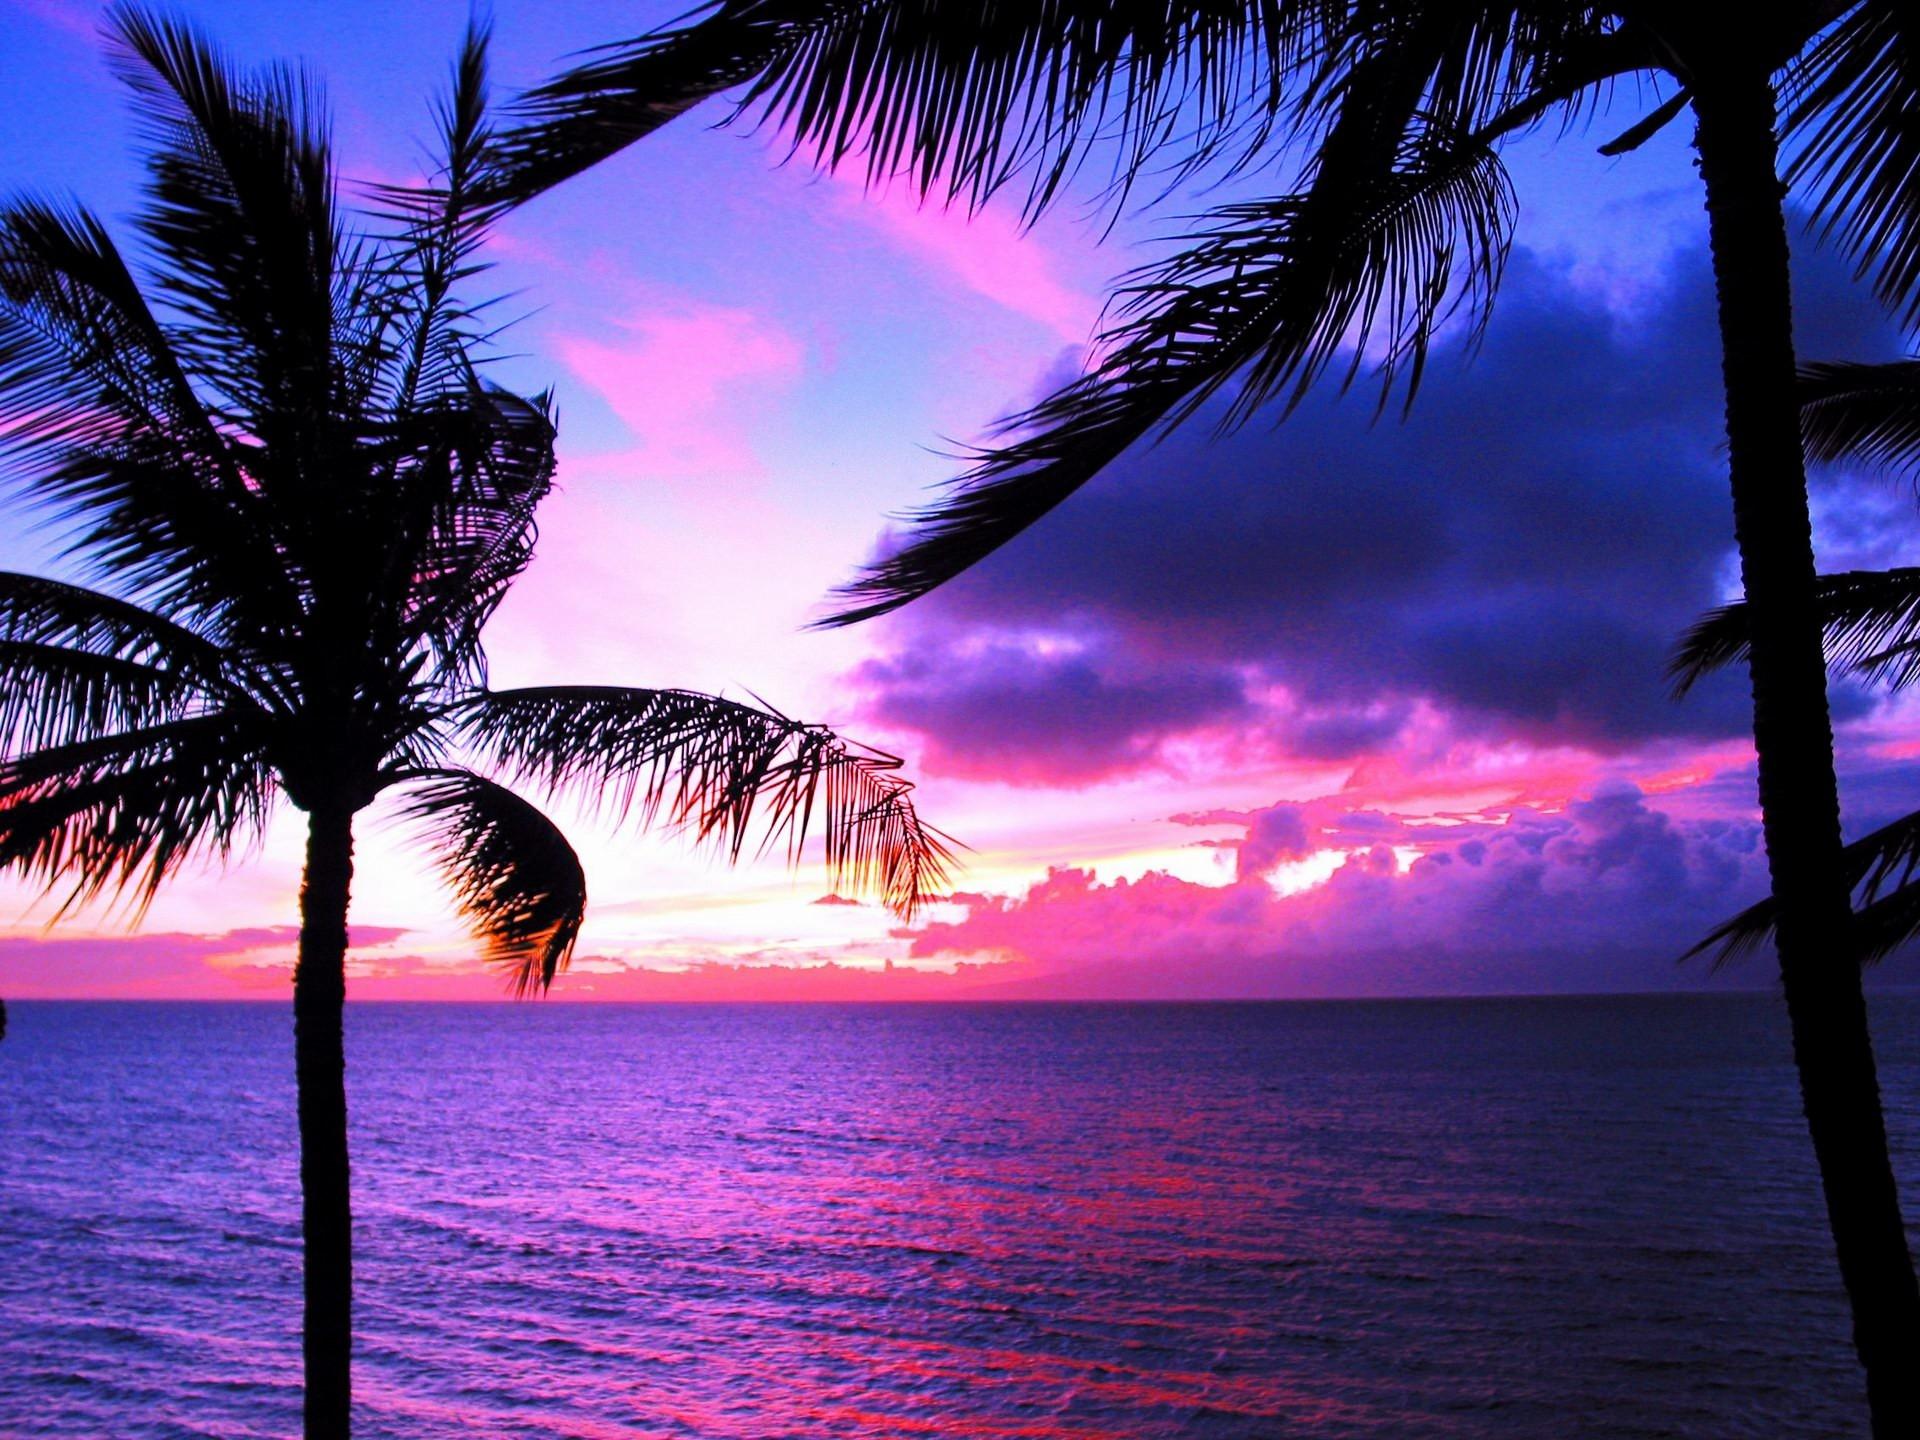 Hawaii Sunset Desktop Wallpaper 16294 Full HD Wallpaper Desktop .